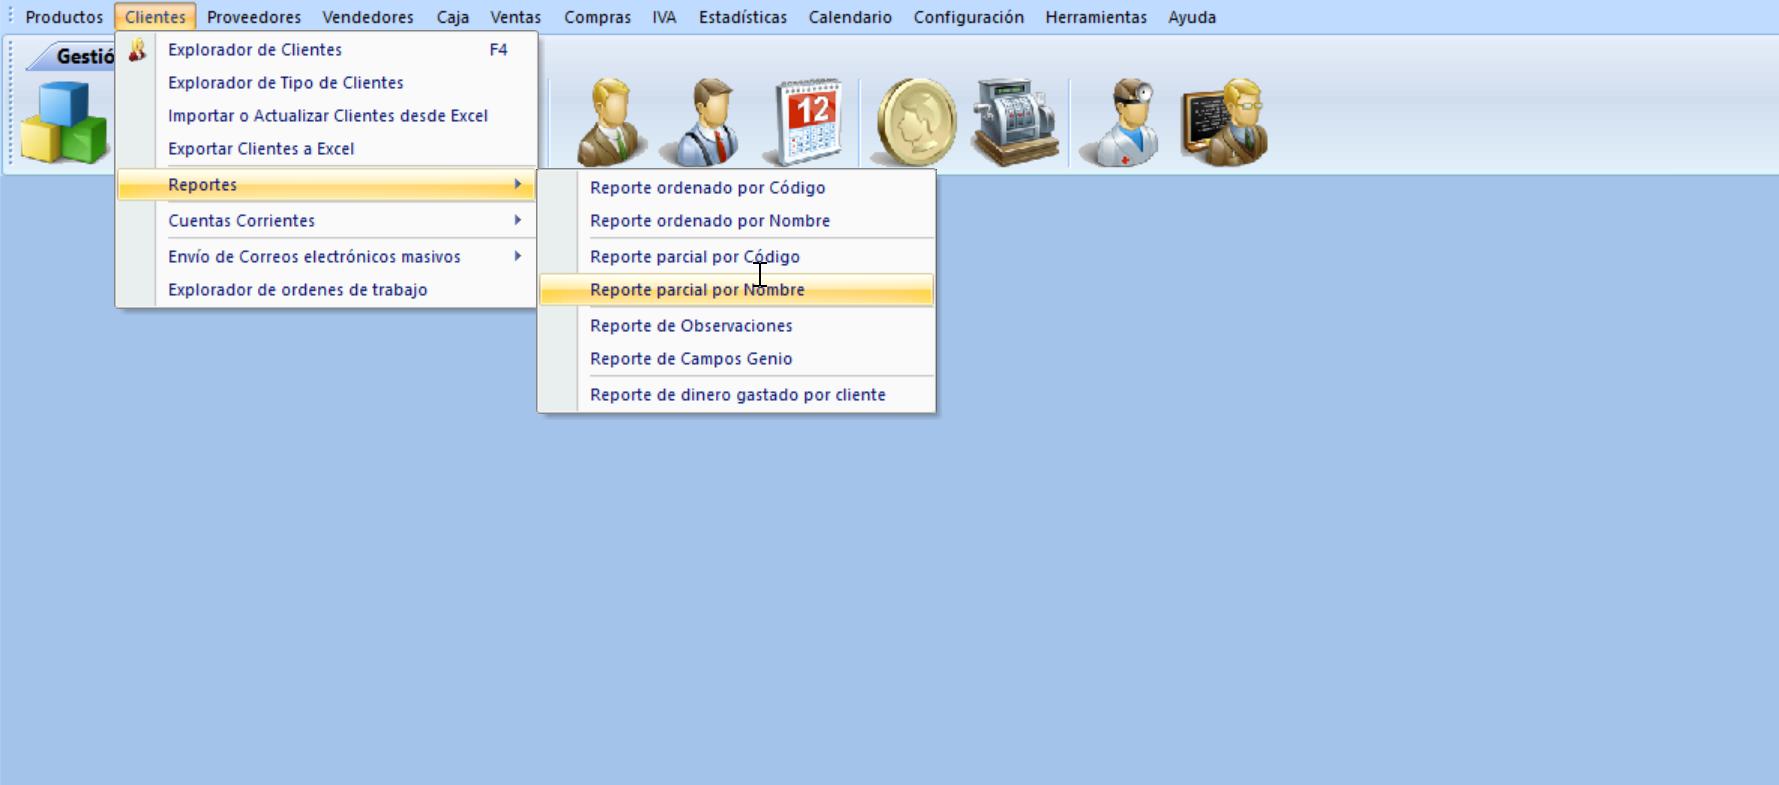 Solicitando un Reporte parcial por Nombre de cliente